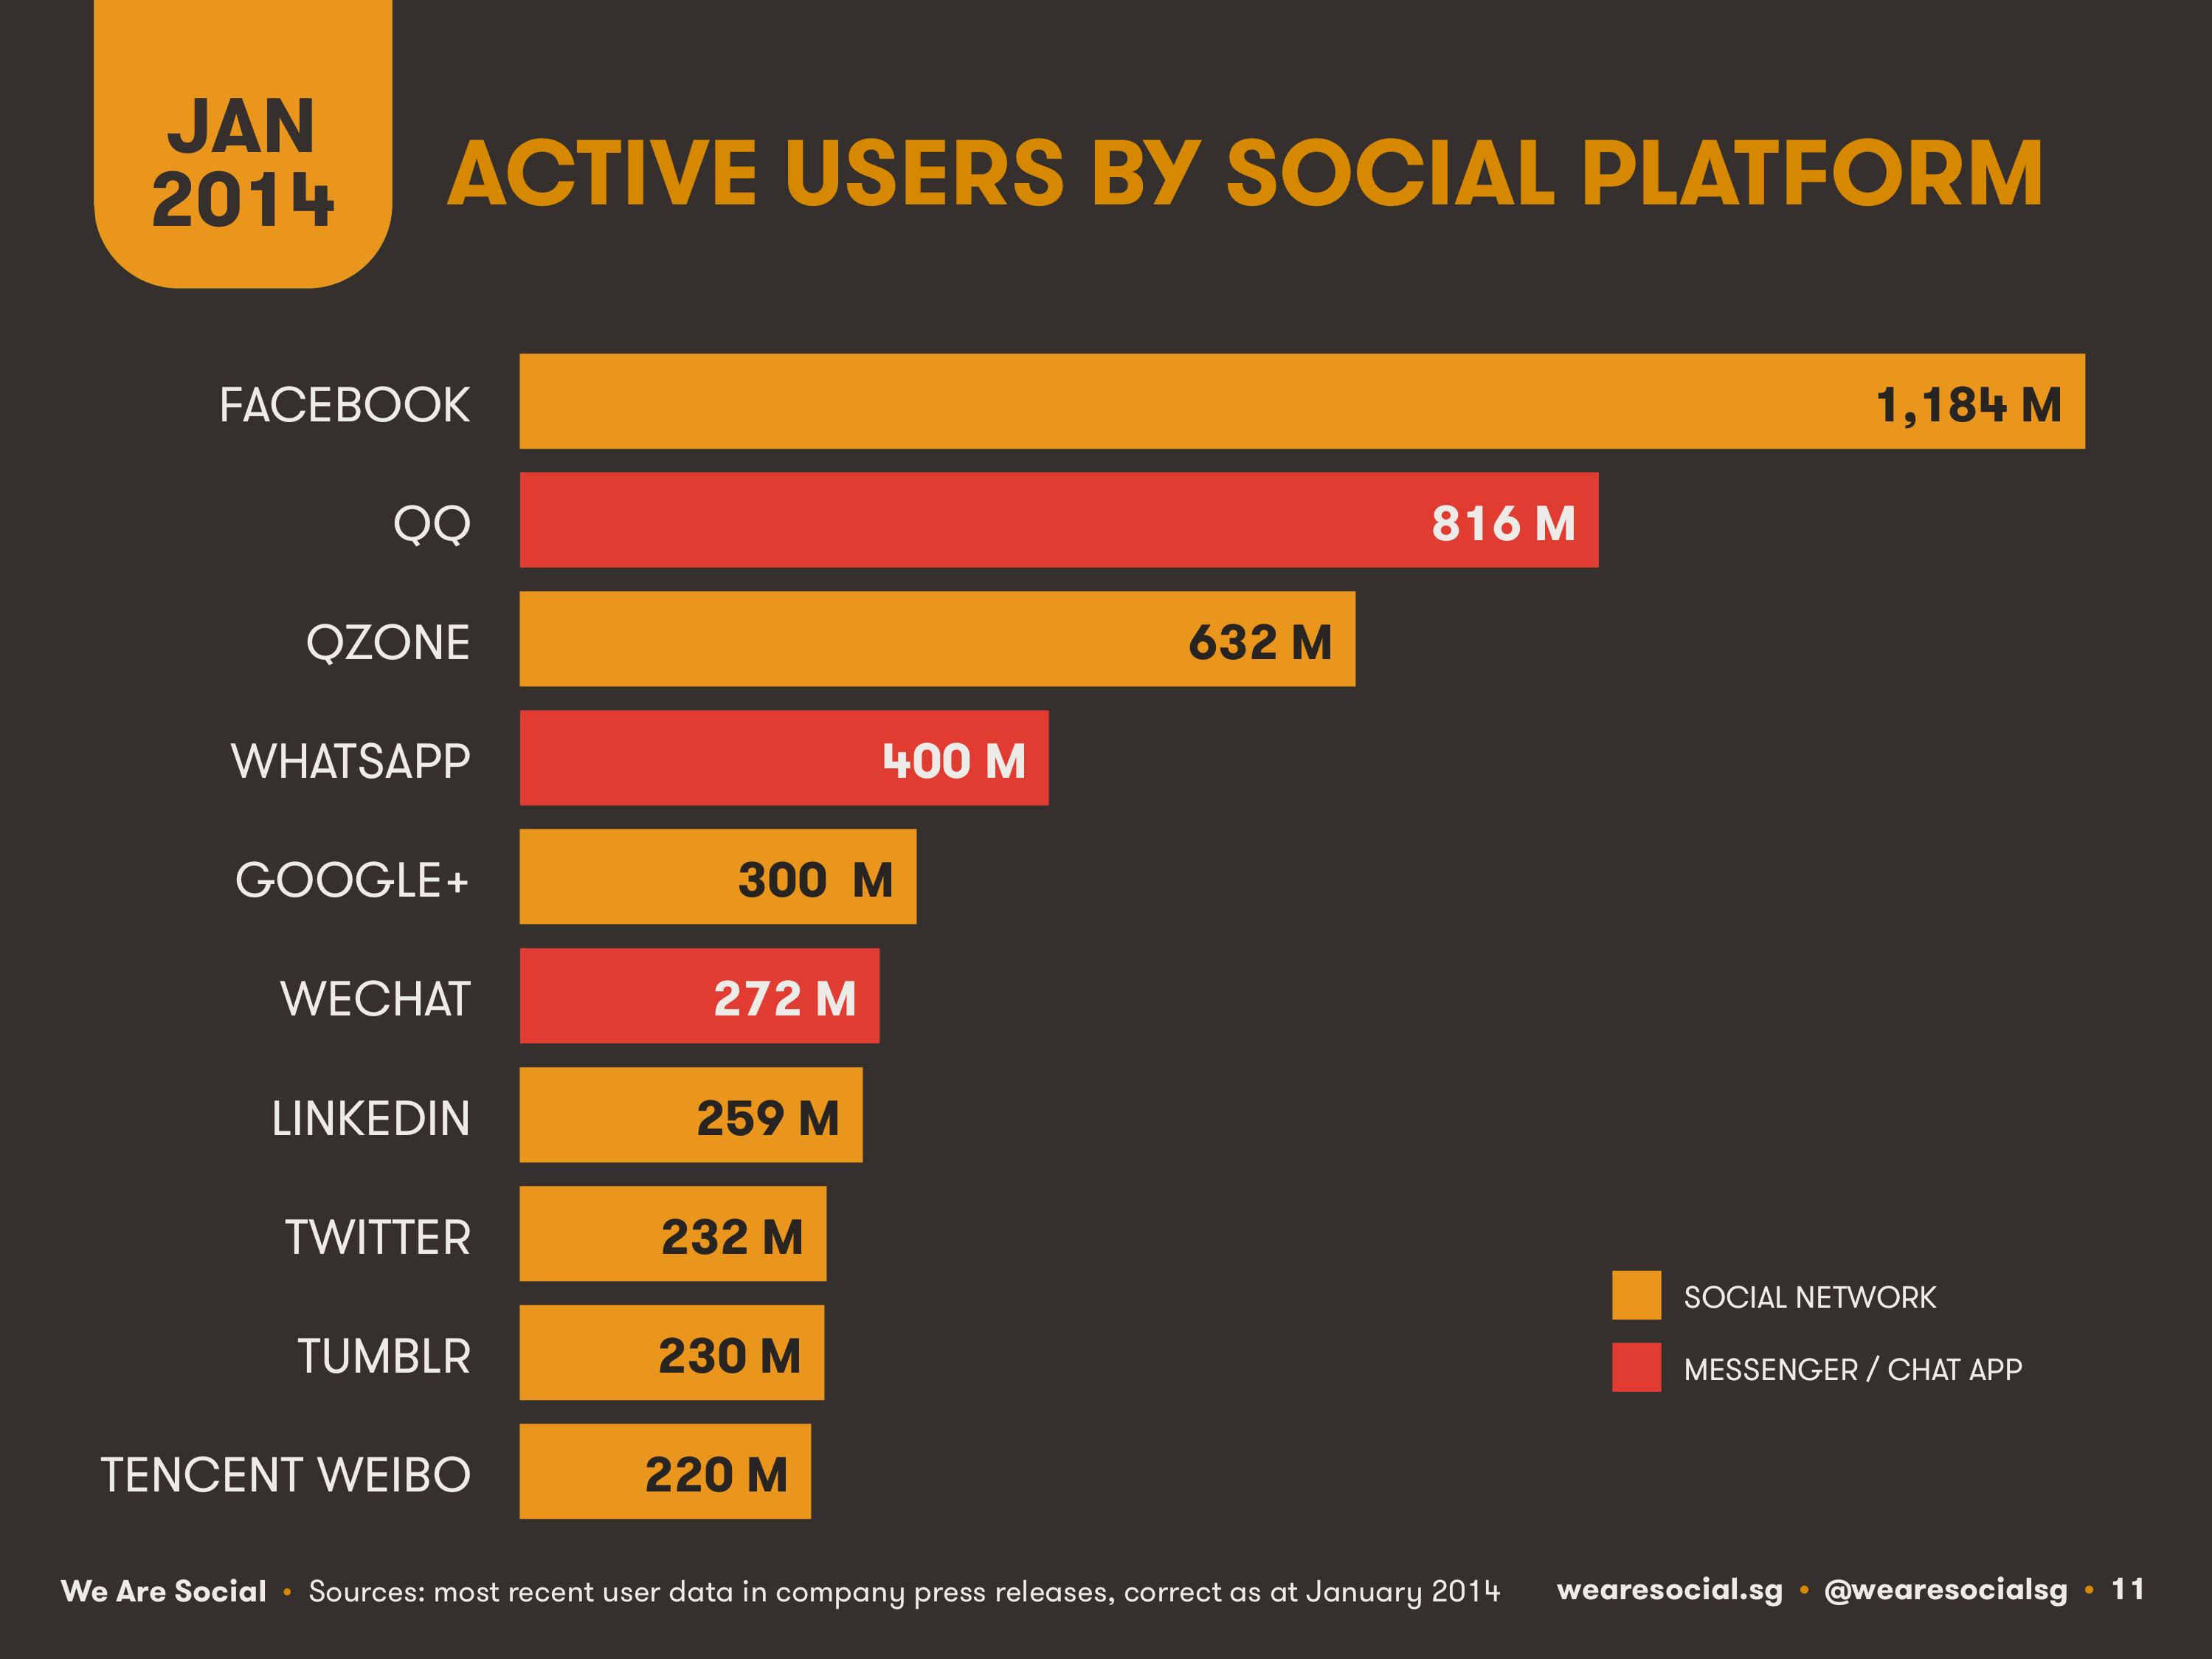 تقرير: احصائيات الشبكات الإجتماعية والإنترنت